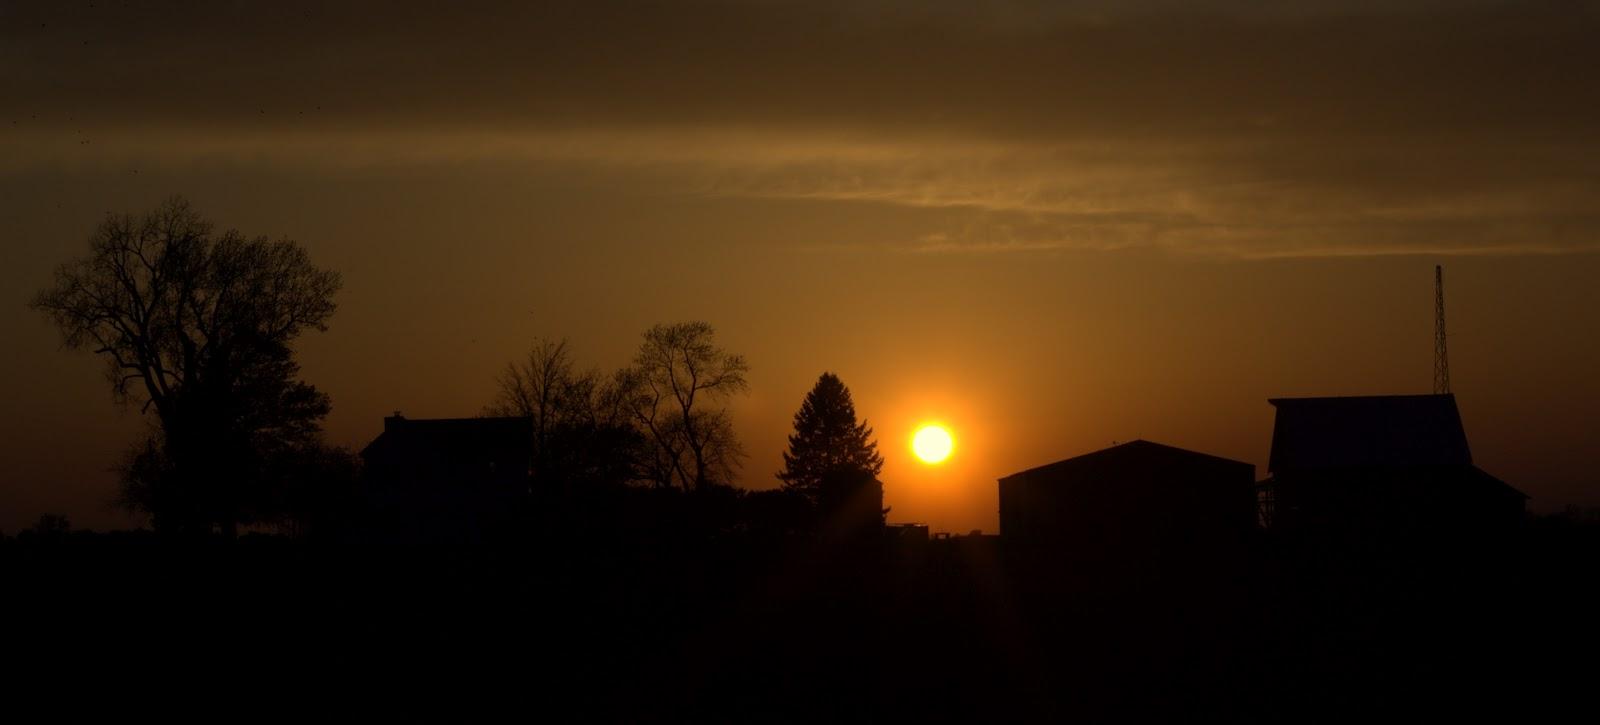 Sundown dating